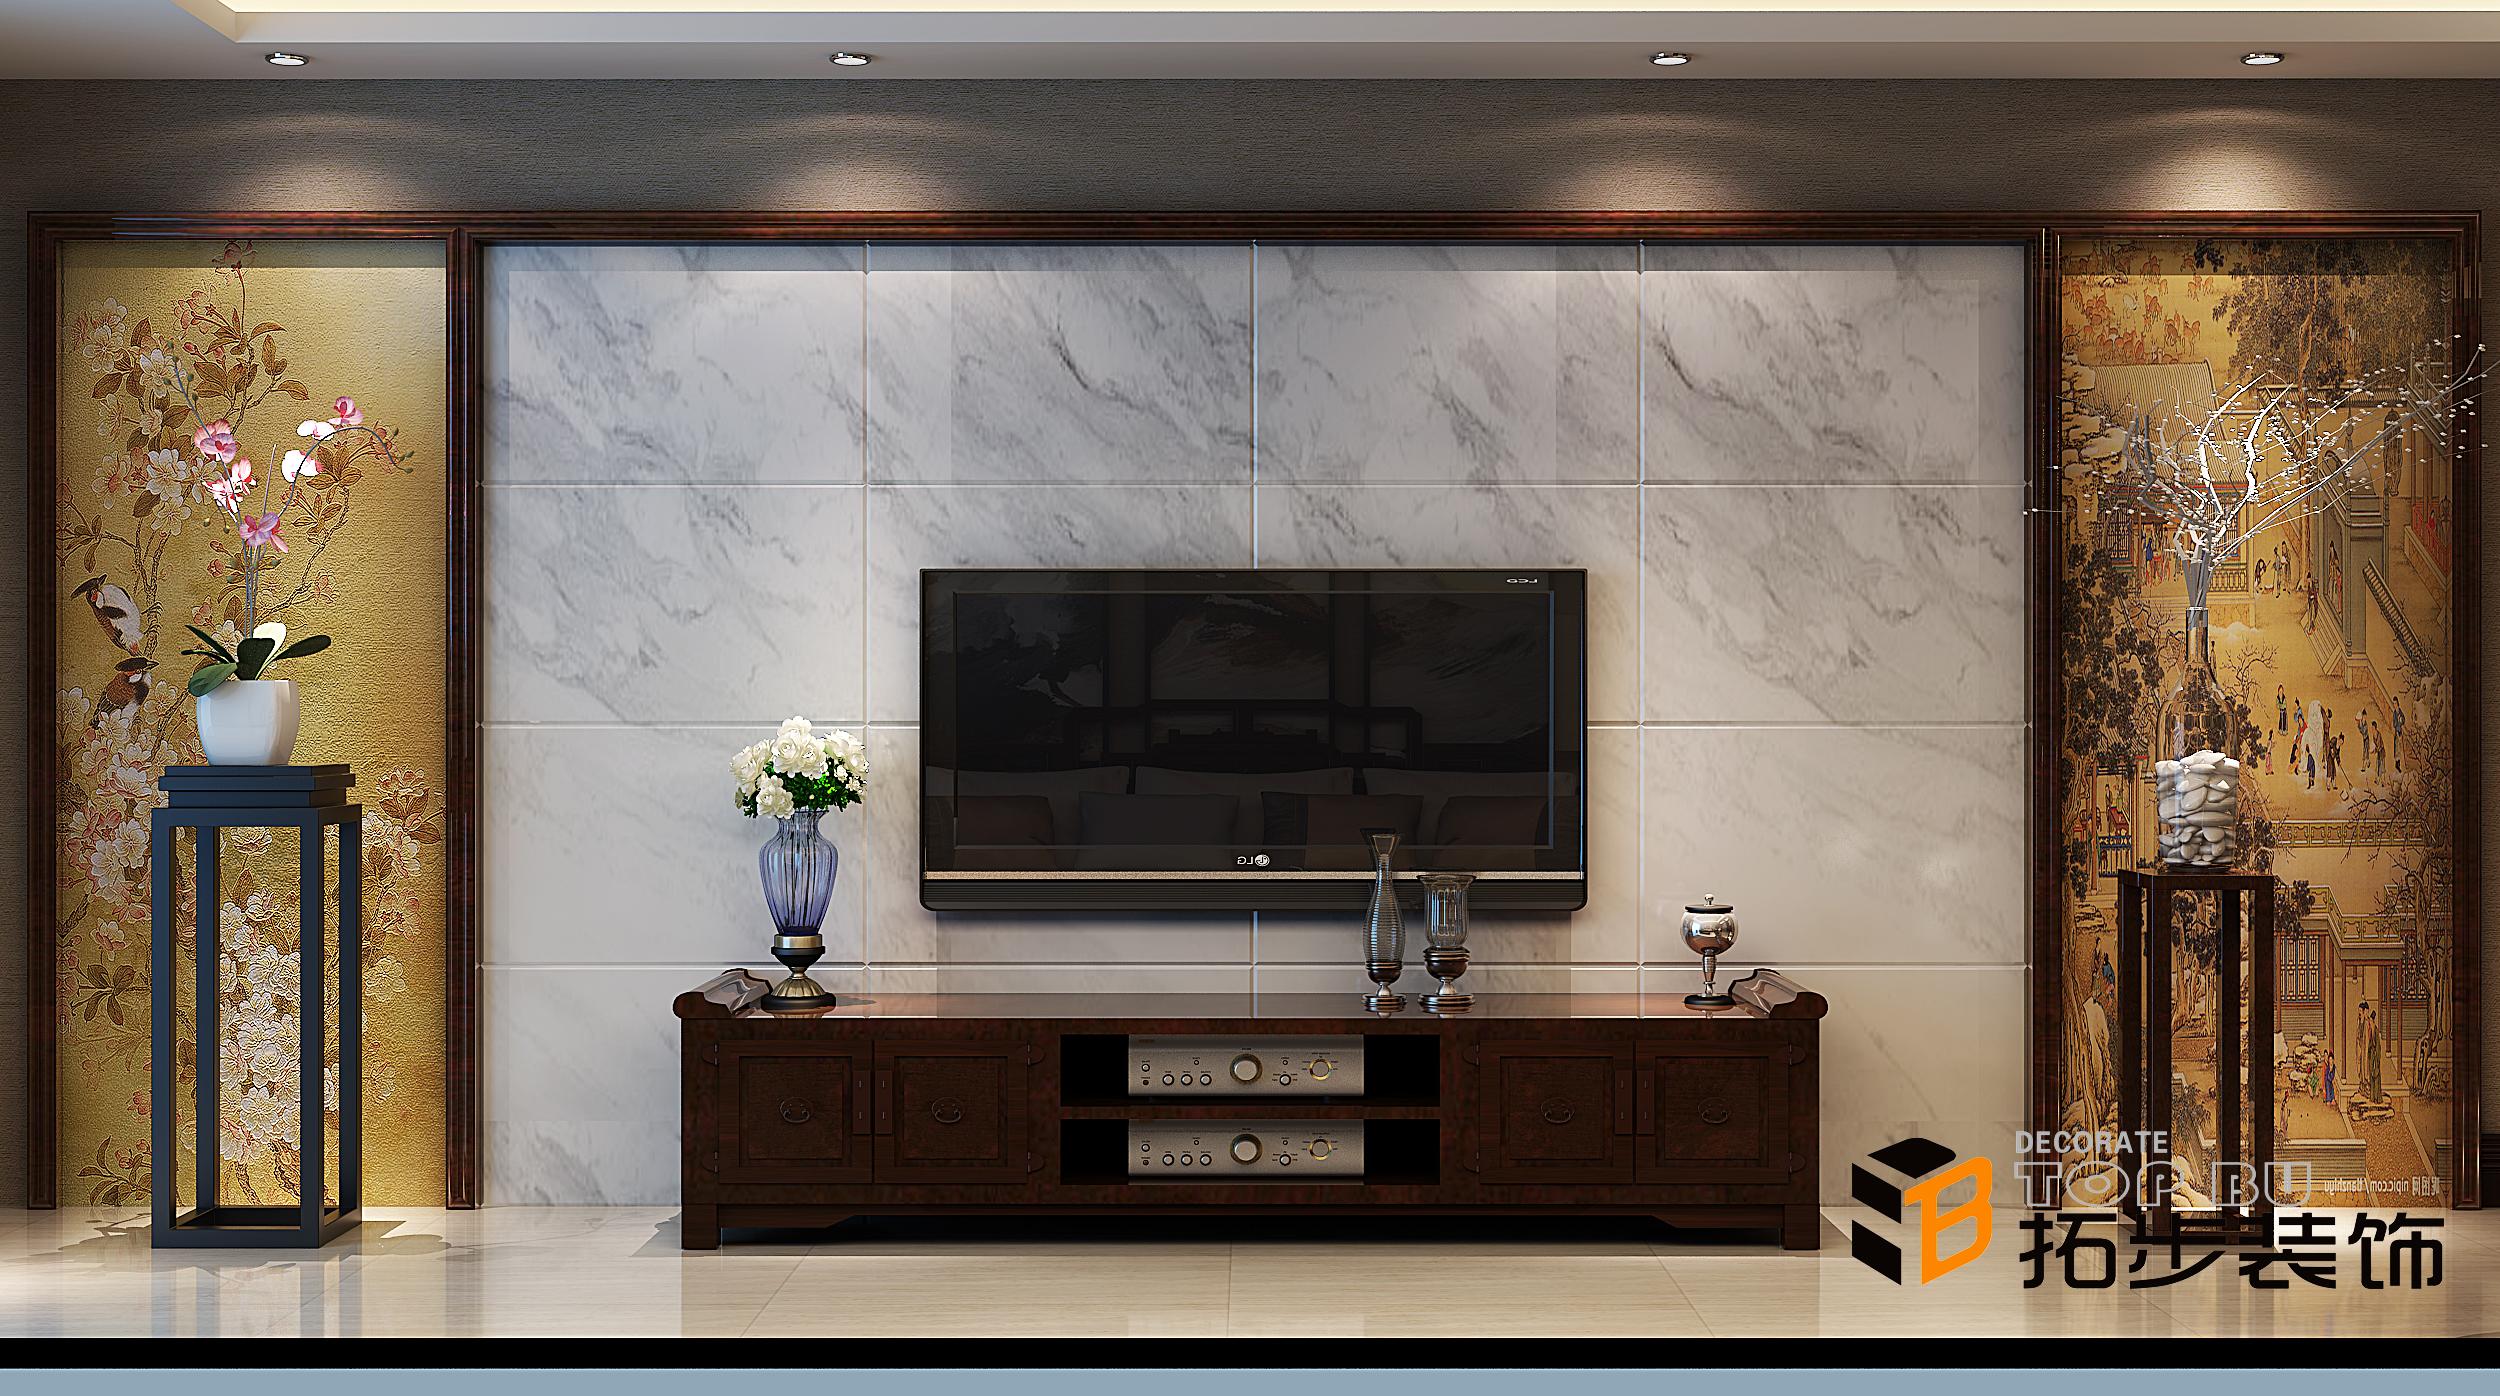 最新客厅电视背景墙案例效果图欣赏